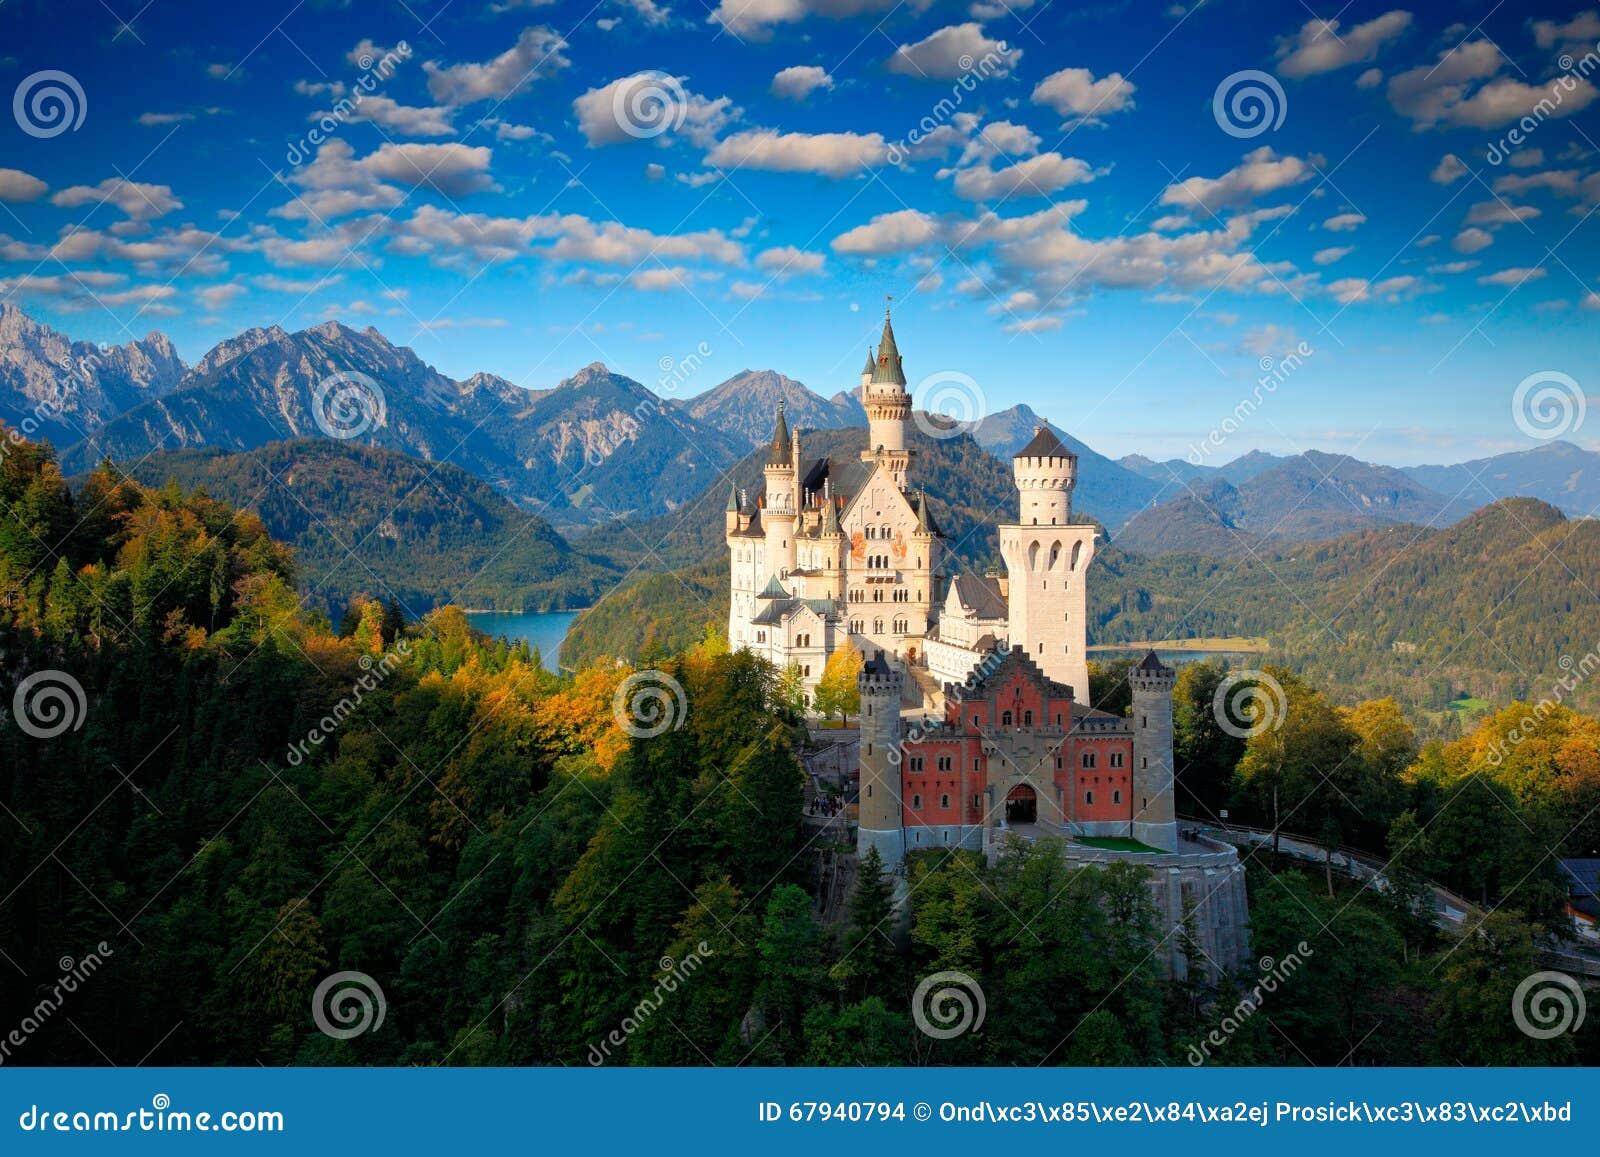 Beroemd sprookjekasteel in Beieren, Neuschwanstein, Duitsland, ochtend met blauwe hemel met witte wolken